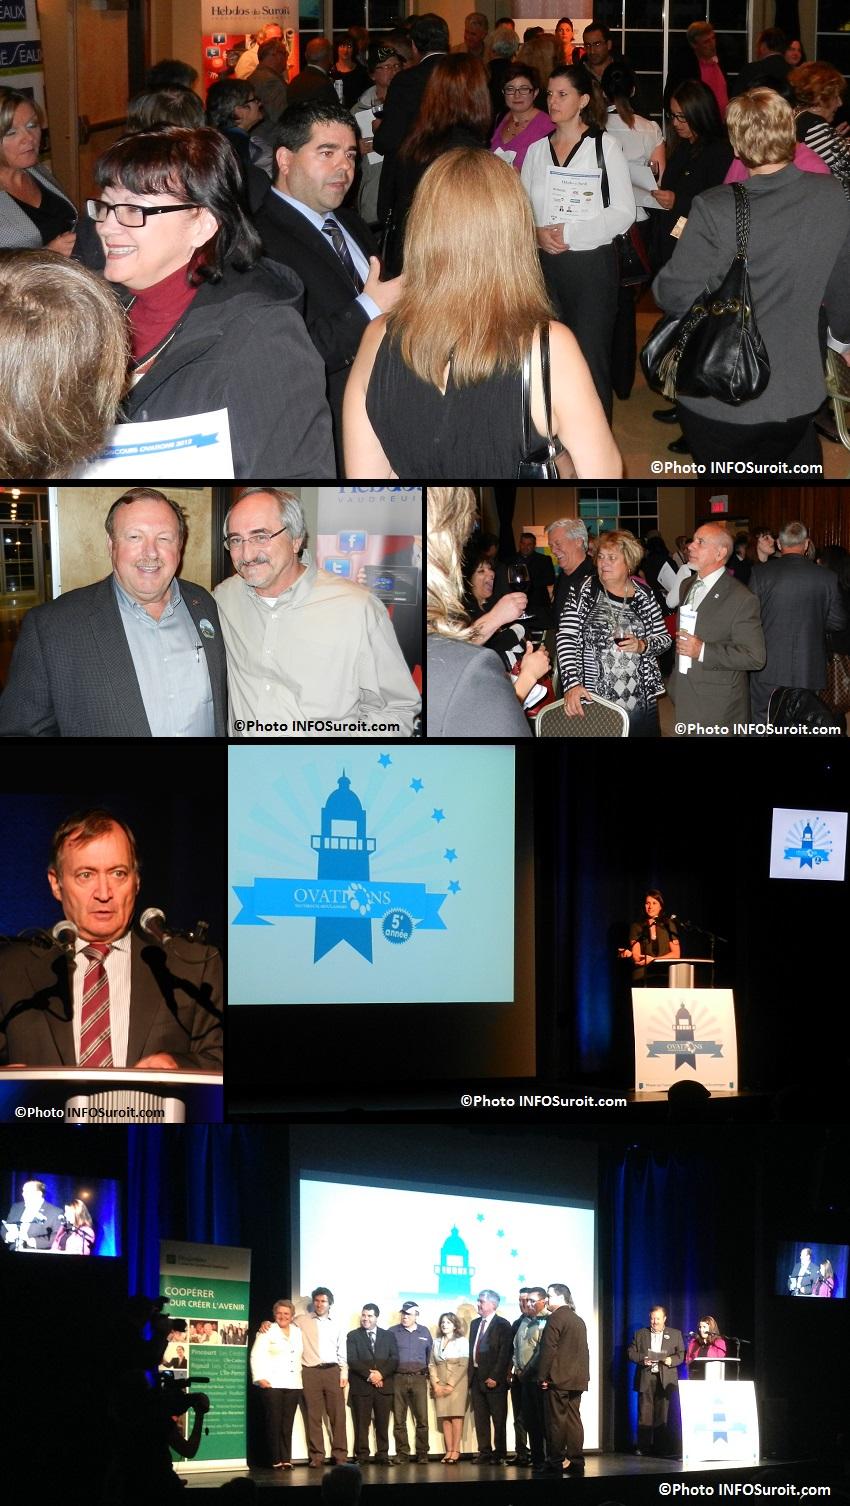 Concours-Ovations-Vaudreuil-Soulanges-2013-Devoilement-des-finalistes-Montage-Photos-INFOSuroit_com